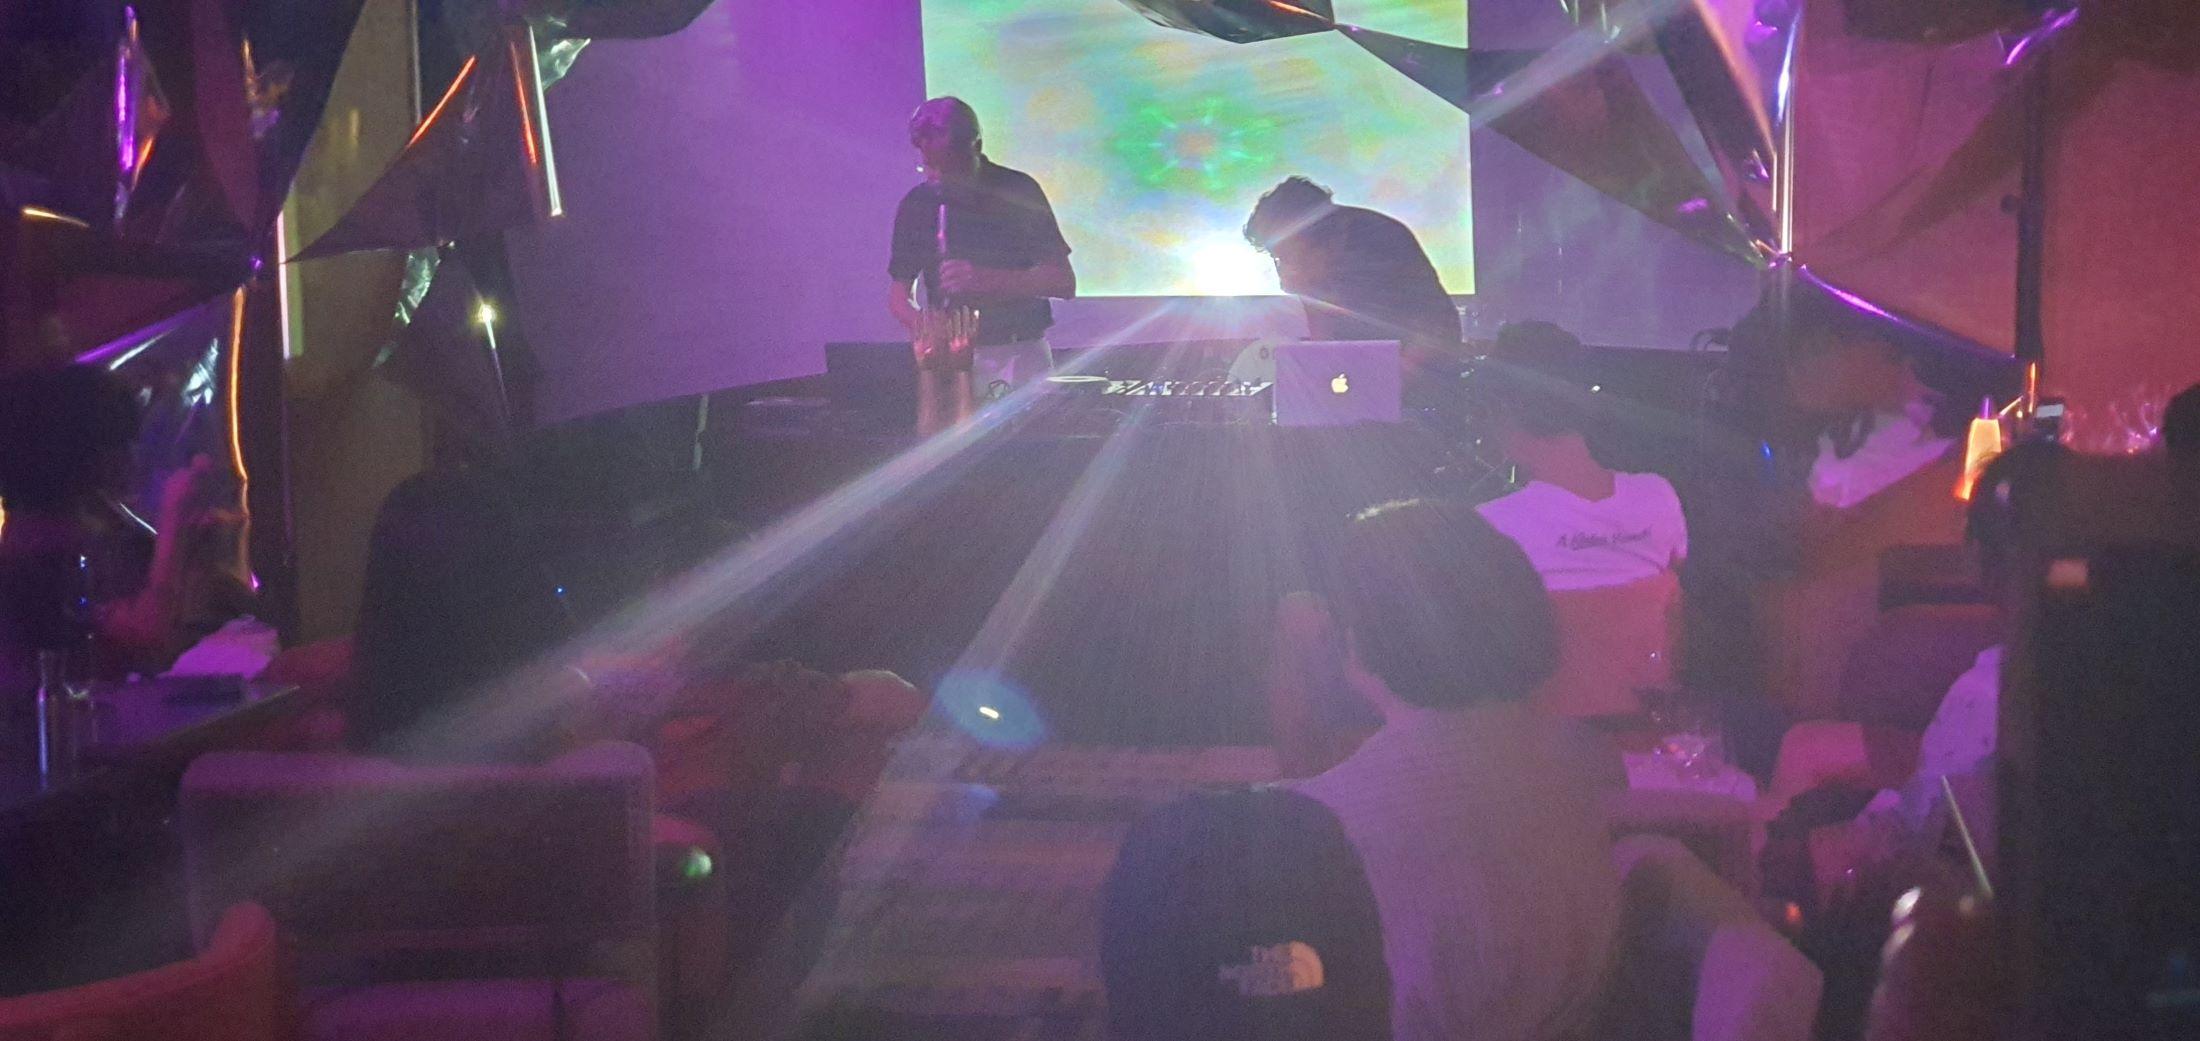 Gordon醉心音樂創作,圖為他於二○一九年的迷幻音樂會演出片段。